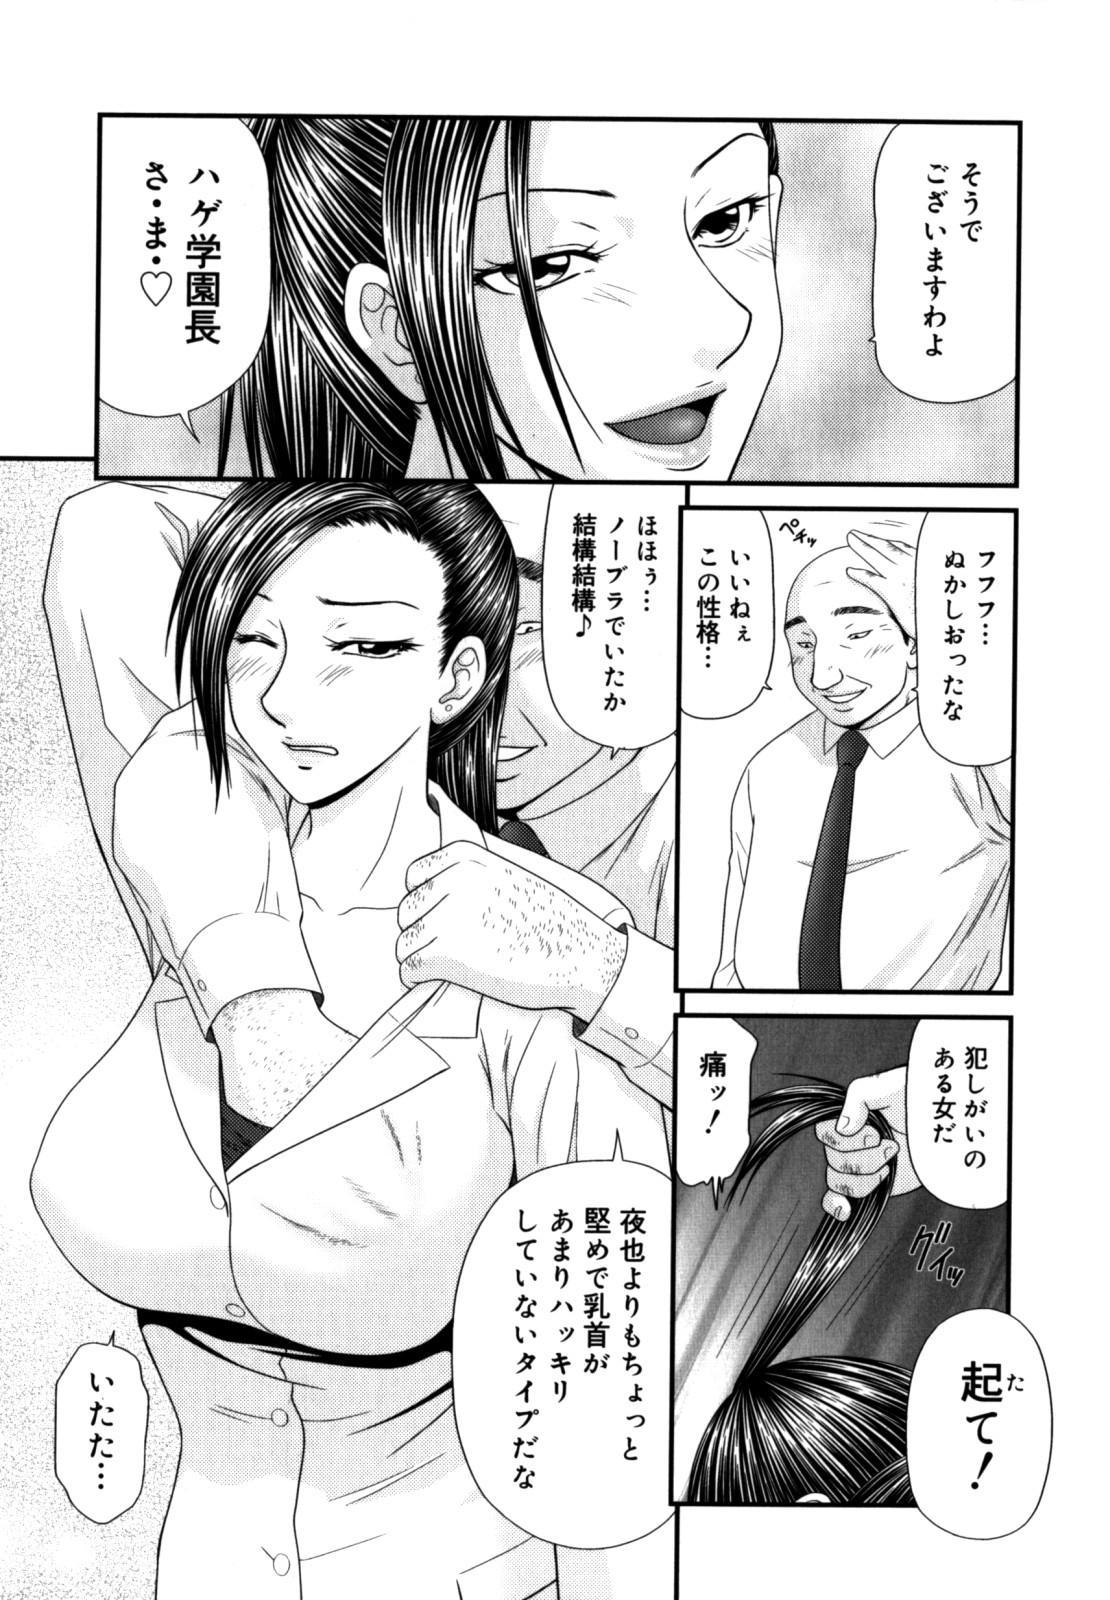 Gakuen no Mushikera 2 52